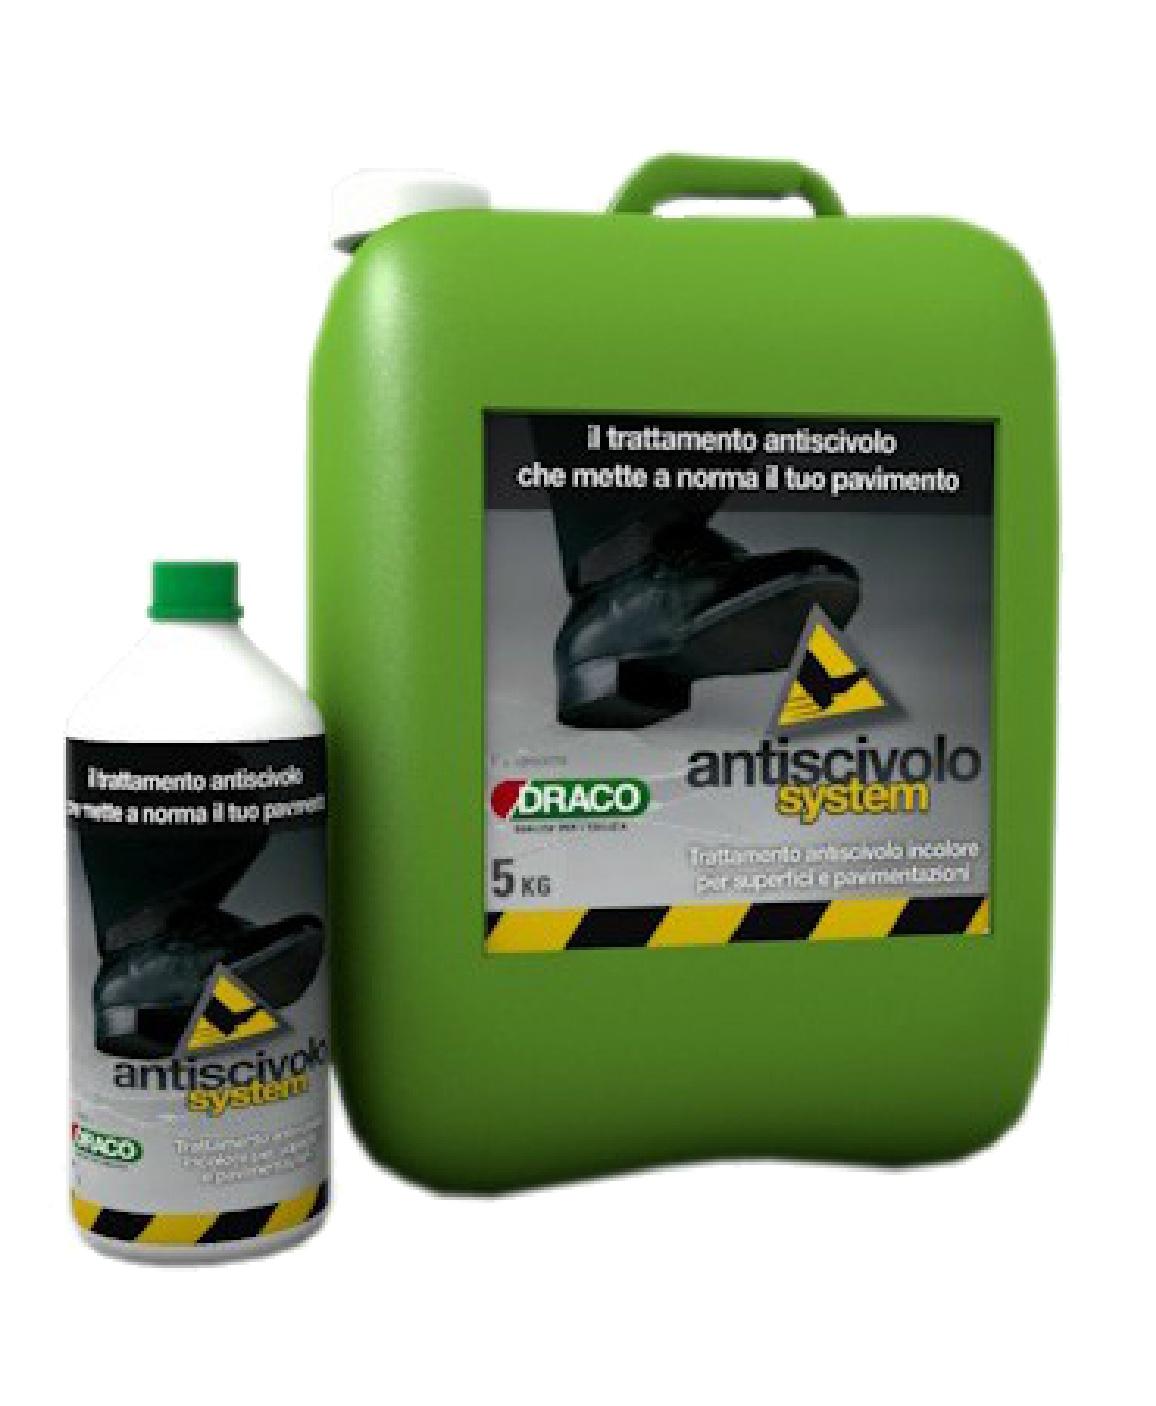 Antiscivolo System Cleaner: Speciale reiniger/ontvetter als voorbereiding van ondergronden voor he - Promacom